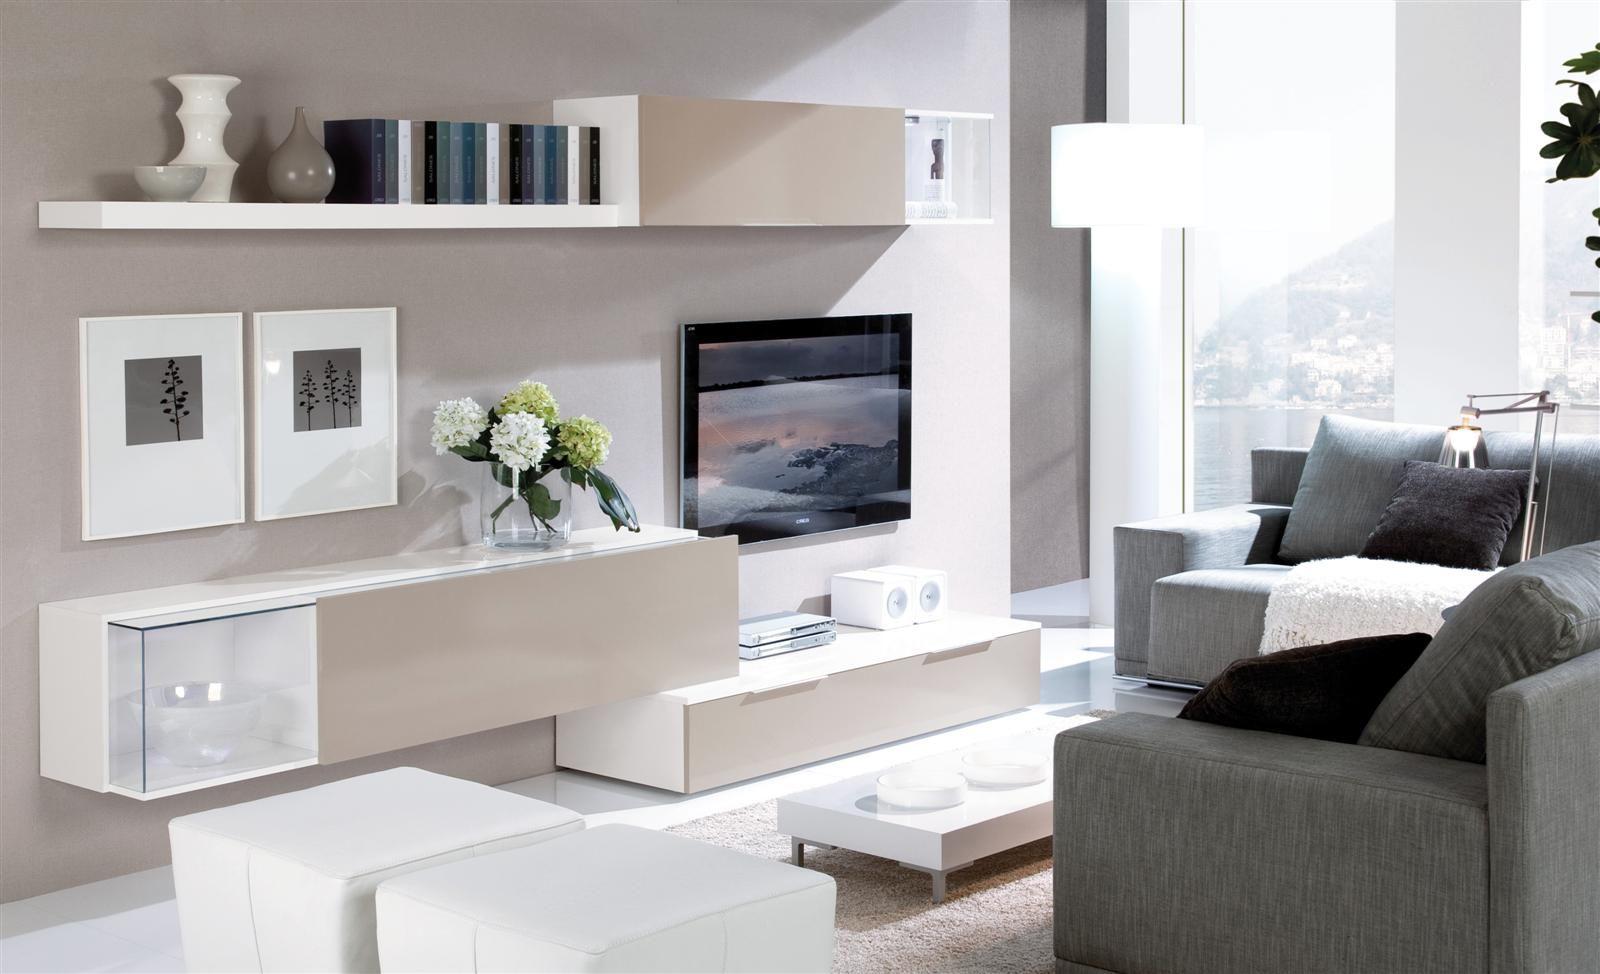 Salones bano sonseca muebles a medida salas de tv con chimenea muebles salon modernos - Muebles martin catalogo ...